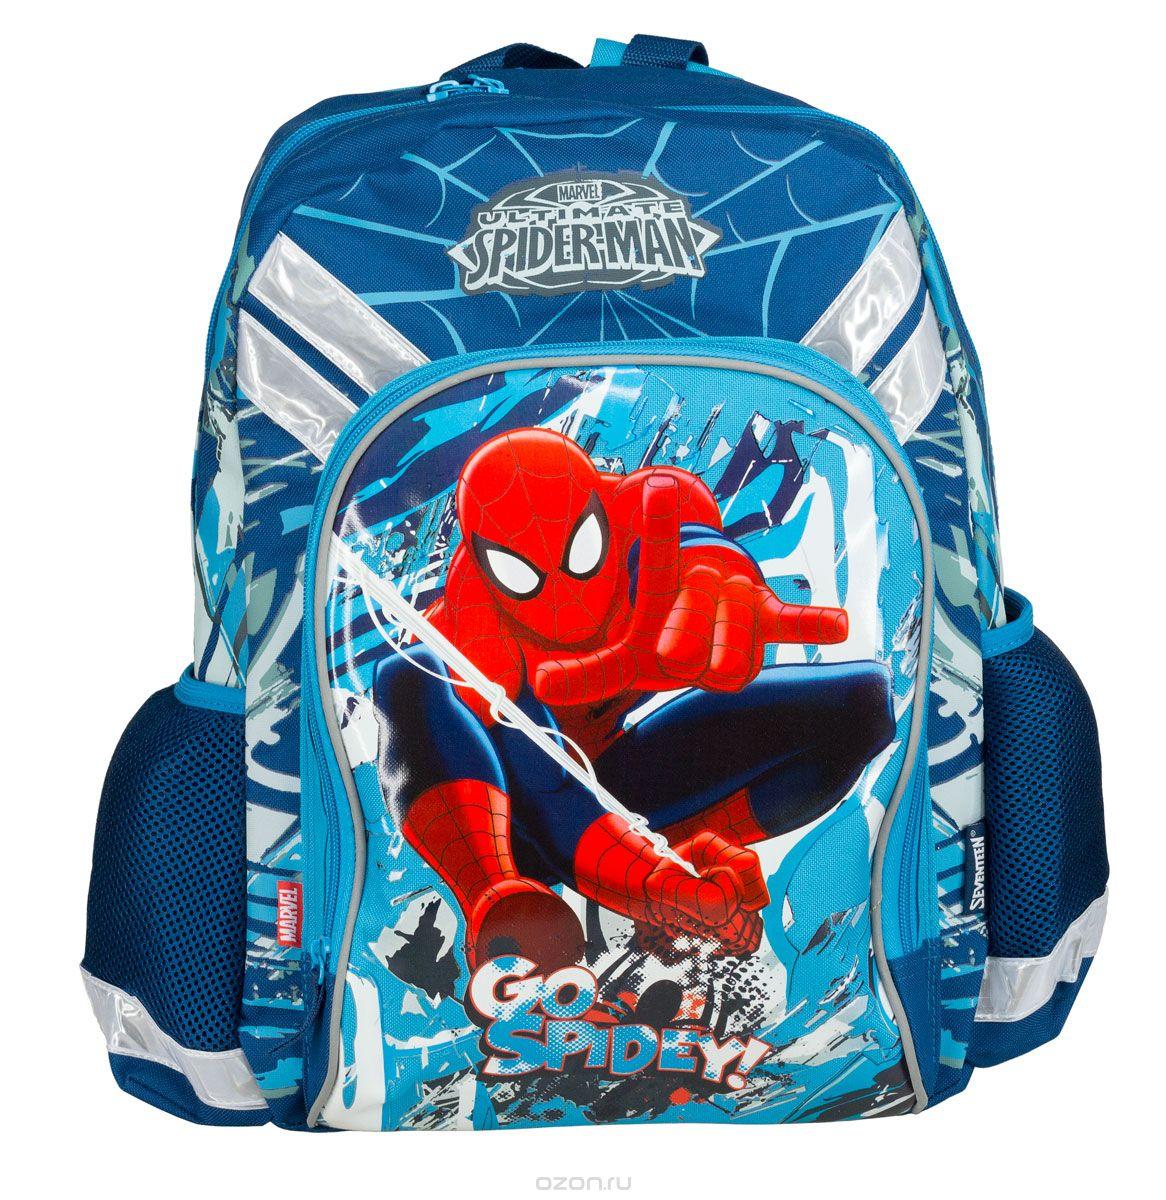 Рюкзак школьный Kinderline Spider-man Classic, цвет: синий, красный, белый. SMCB-MT1-988M72523WDРюкзак школьный Kinderline Spider-man Classic выполнен из износоустойчивых материалов с водонепроницаемой основой, декорирован яркой аппликацией. Рюкзак имеет одно основное отделение, закрывающееся на молнию с двумя бегунками. Внутри отделения расположены два разделителя с утягивающей резинкой для тетрадей и учебников. На лицевой стороне ранца расположен накладной карман на молнии. По бокам ранца размещены два дополнительных накладных открытых кармана.Уплотненная спинка равномерно распределяет нагрузку на плечевые суставы и спину. Удлиненные держатели облегчают фиксацию длины ремней с мягкими подкладками. Ранец оснащен удобной ручкой для переноски и двумя широкими лямками, регулируемой длины. Многофункциональный школьный ранец станет незаменимым спутником вашего ребенка в походах за знаниями.